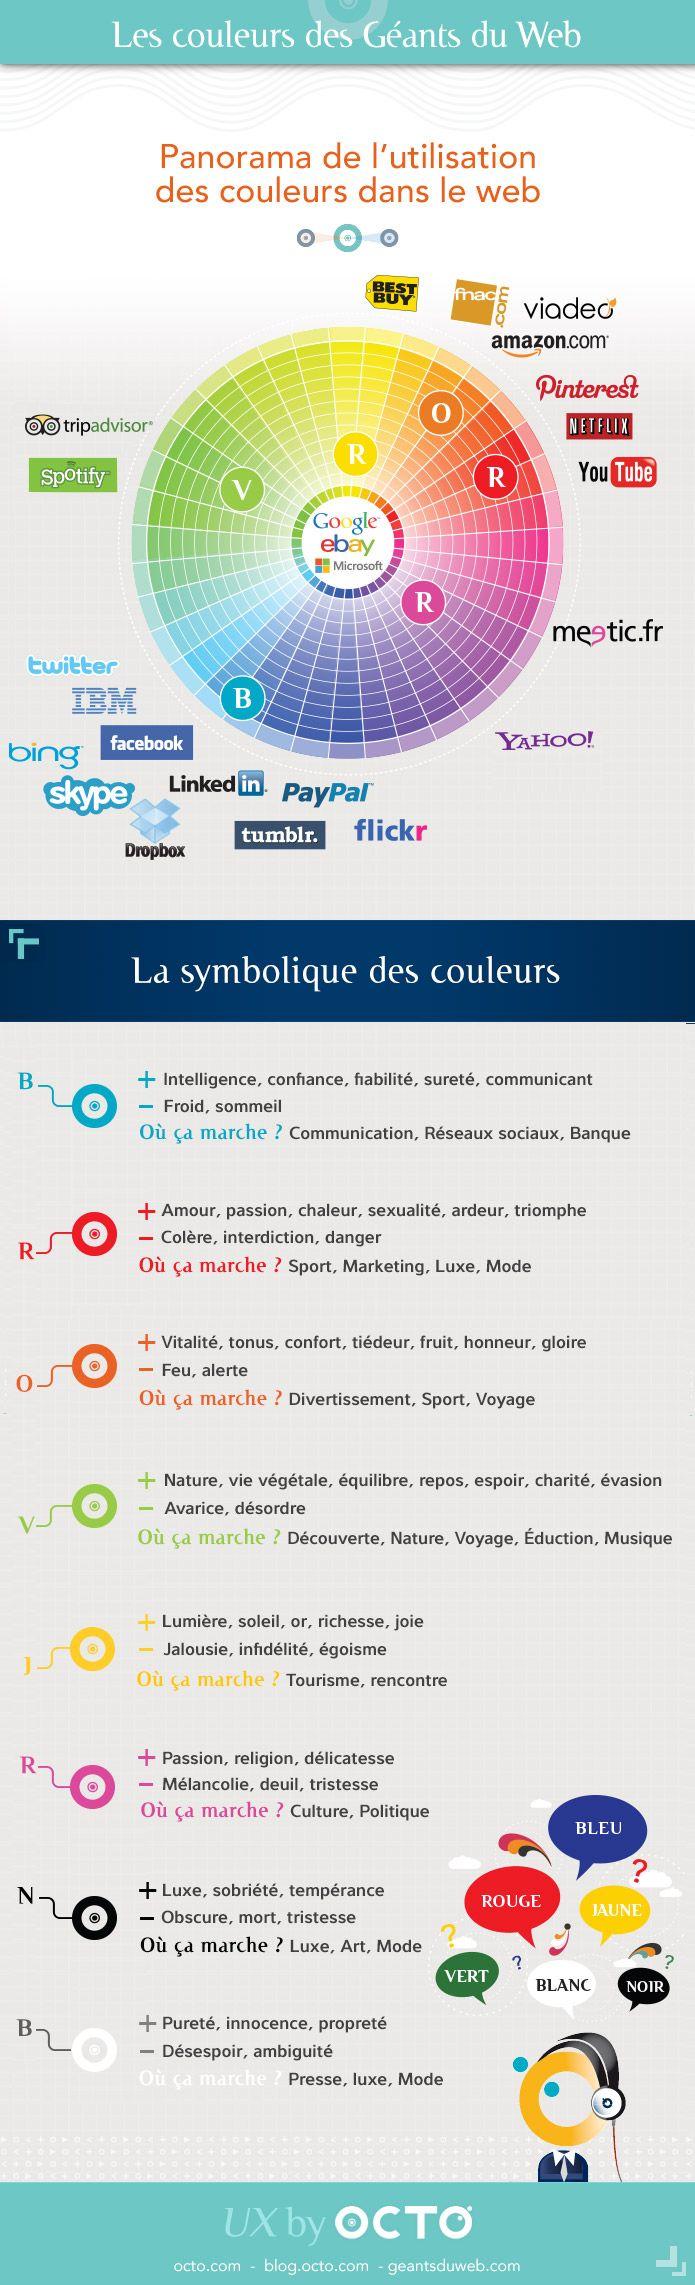 Source:http://blog.octo.com/les-couleurs-des-geants-du-web-2/     Les couleurs des géants du web